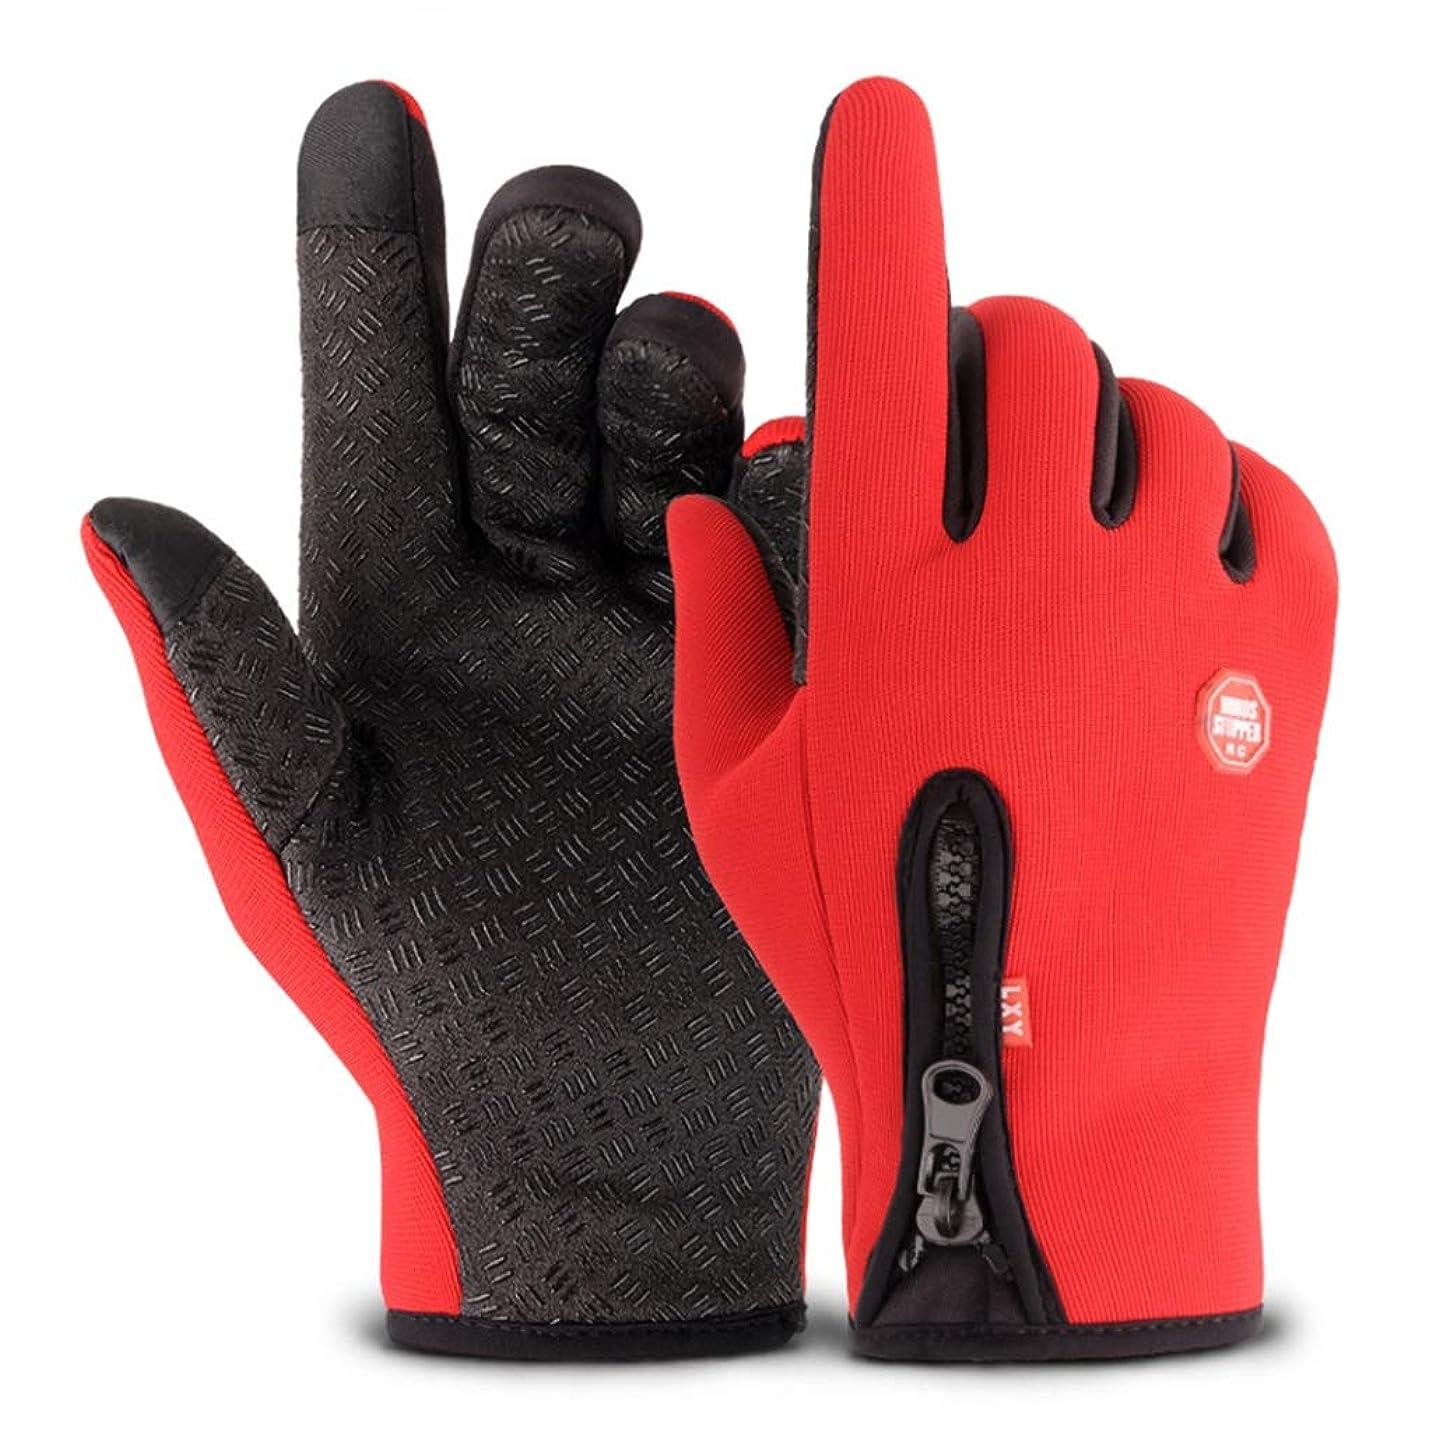 降ろす量南手袋の男性の秋と冬の自転車電動バイクの女性のタッチスクリーンは、すべてwindproofノンスリップ暖かいと冷たいプラスベルベット弾性手袋ワンサイズ赤